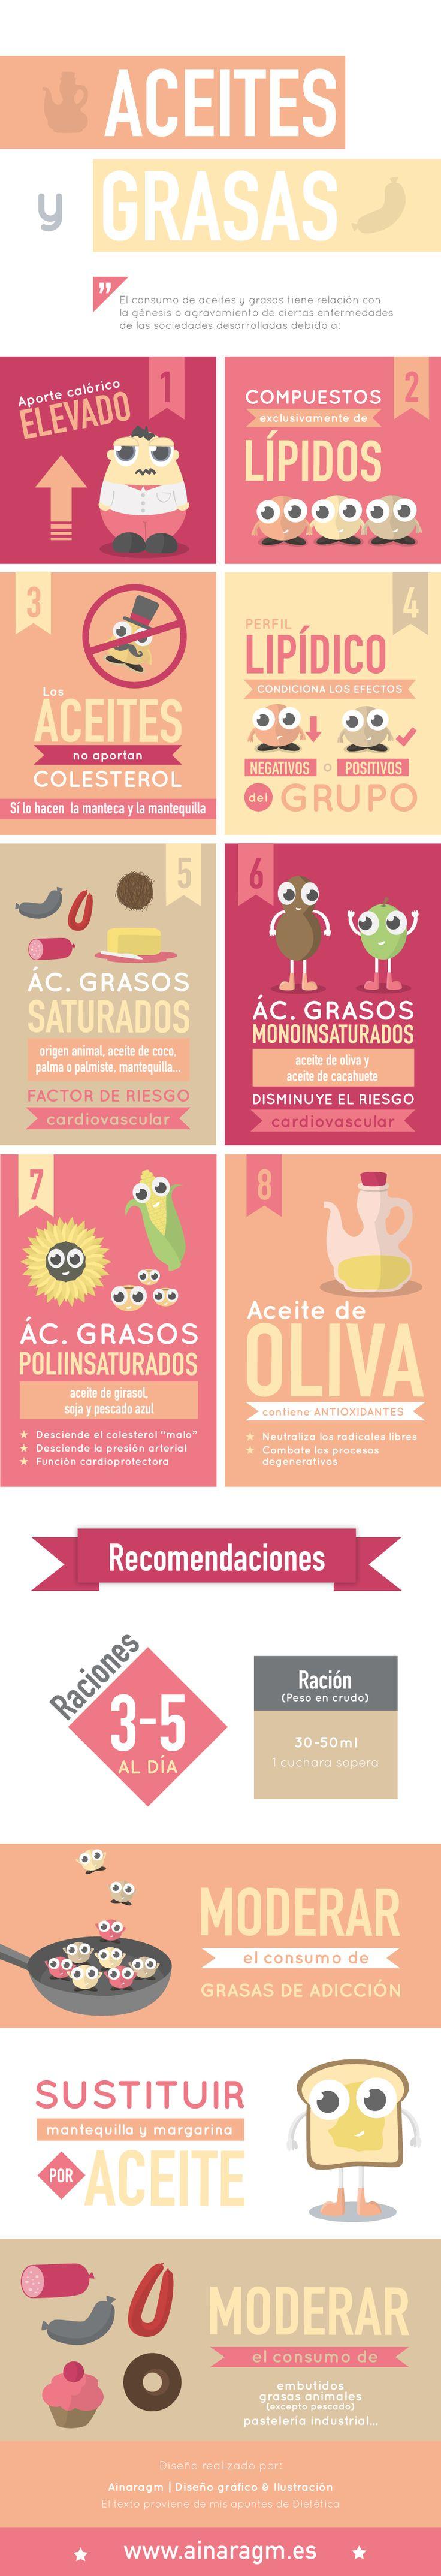 Infografía sobre las propiedades de los aceites y las grasas en nuestra alimentación #dietetica #salud #alimentacion #dieta #infografia #diseno #ilustracion